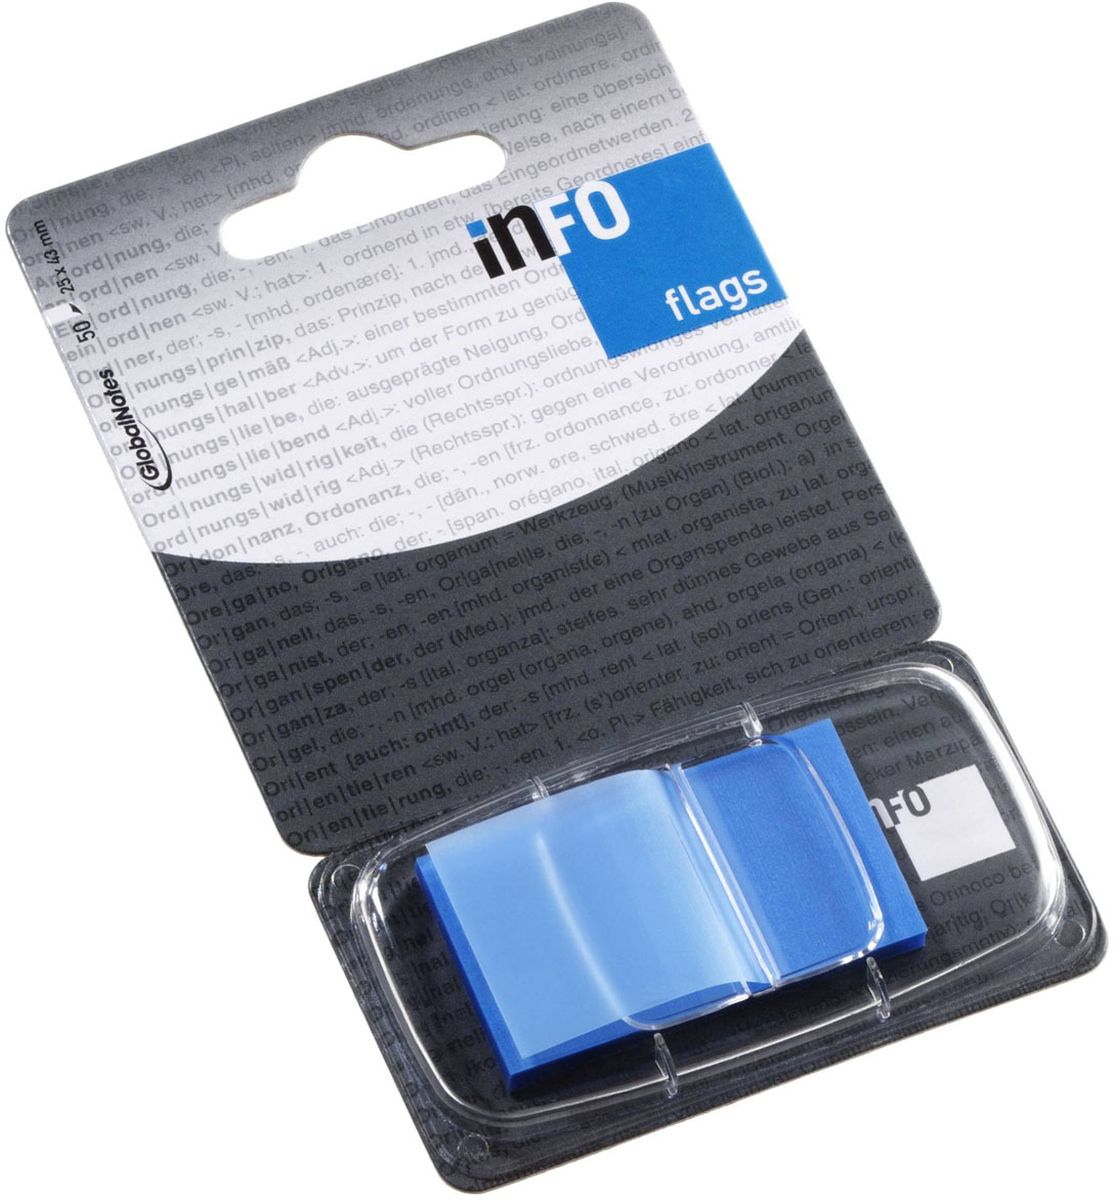 Global Notes Блок-закладка с липким слоем цвет голубой 50 листов2010440Пластиковые закладки предназначены для наиболее эффективного выделения важной информации без повреждения книги или документа. Идеально подходят для быстрой и эффективной работы - просто выдели и найди. Закладки можно переклеивать несколько раз. Упакованы в компактный пластиковый диспенсер с европодвесом по 50 штук. Размер 25х43 мм. Цвет - голубой